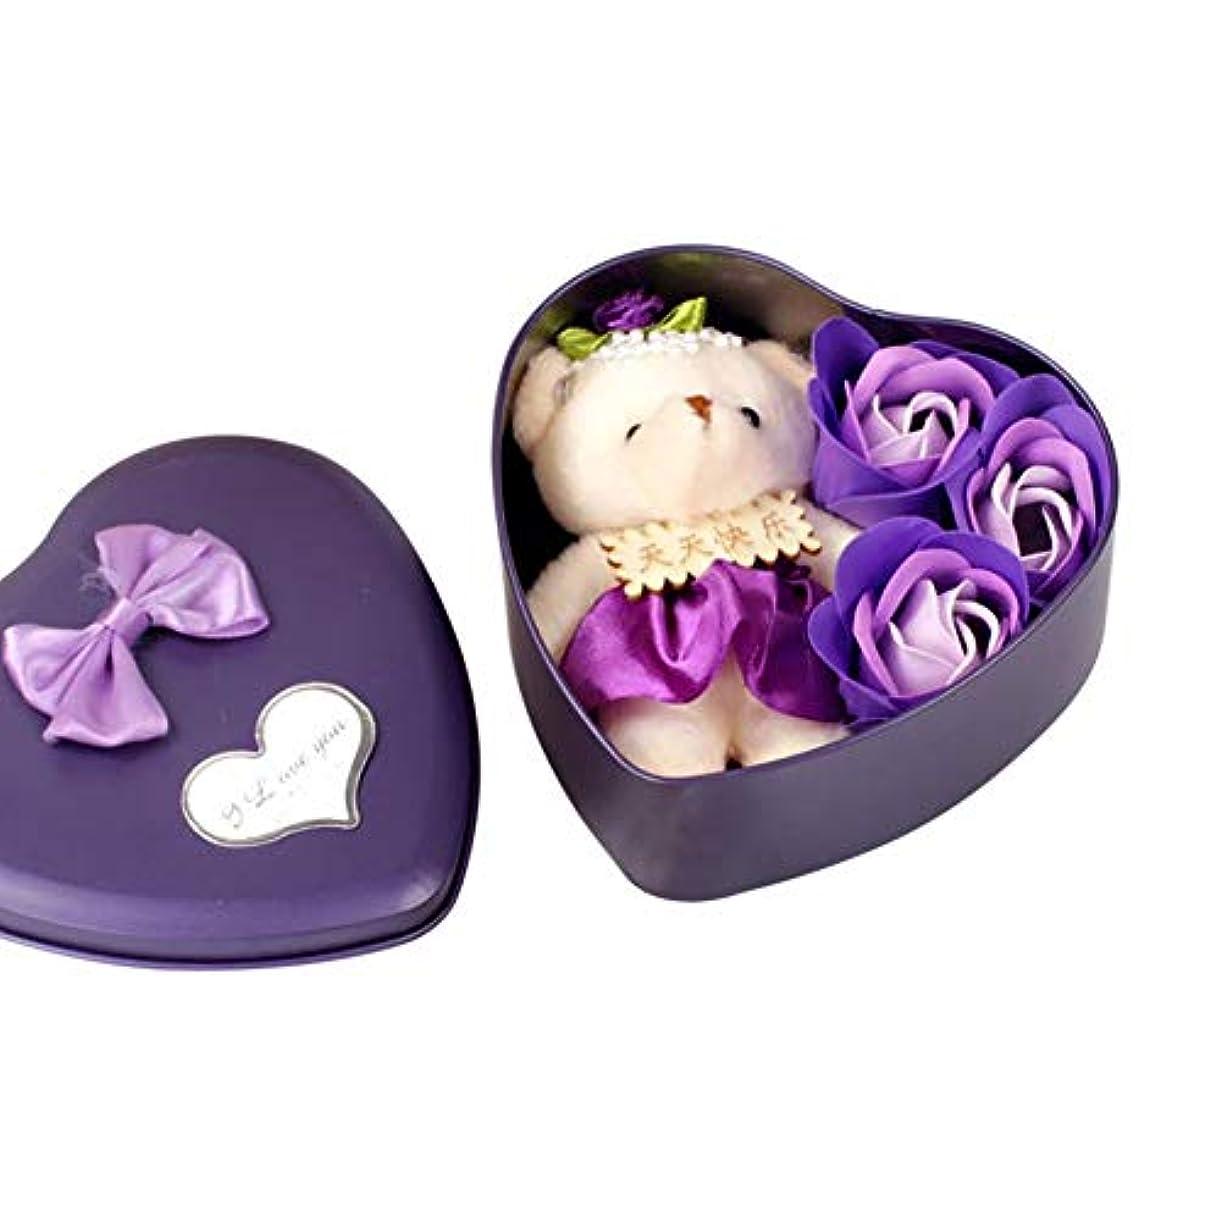 オークション対話ヒロイン3個 香り バラの花 花びら ハート形 ギフト ボックス クマ バス ボディソープ ギフト ウェディング パーティー